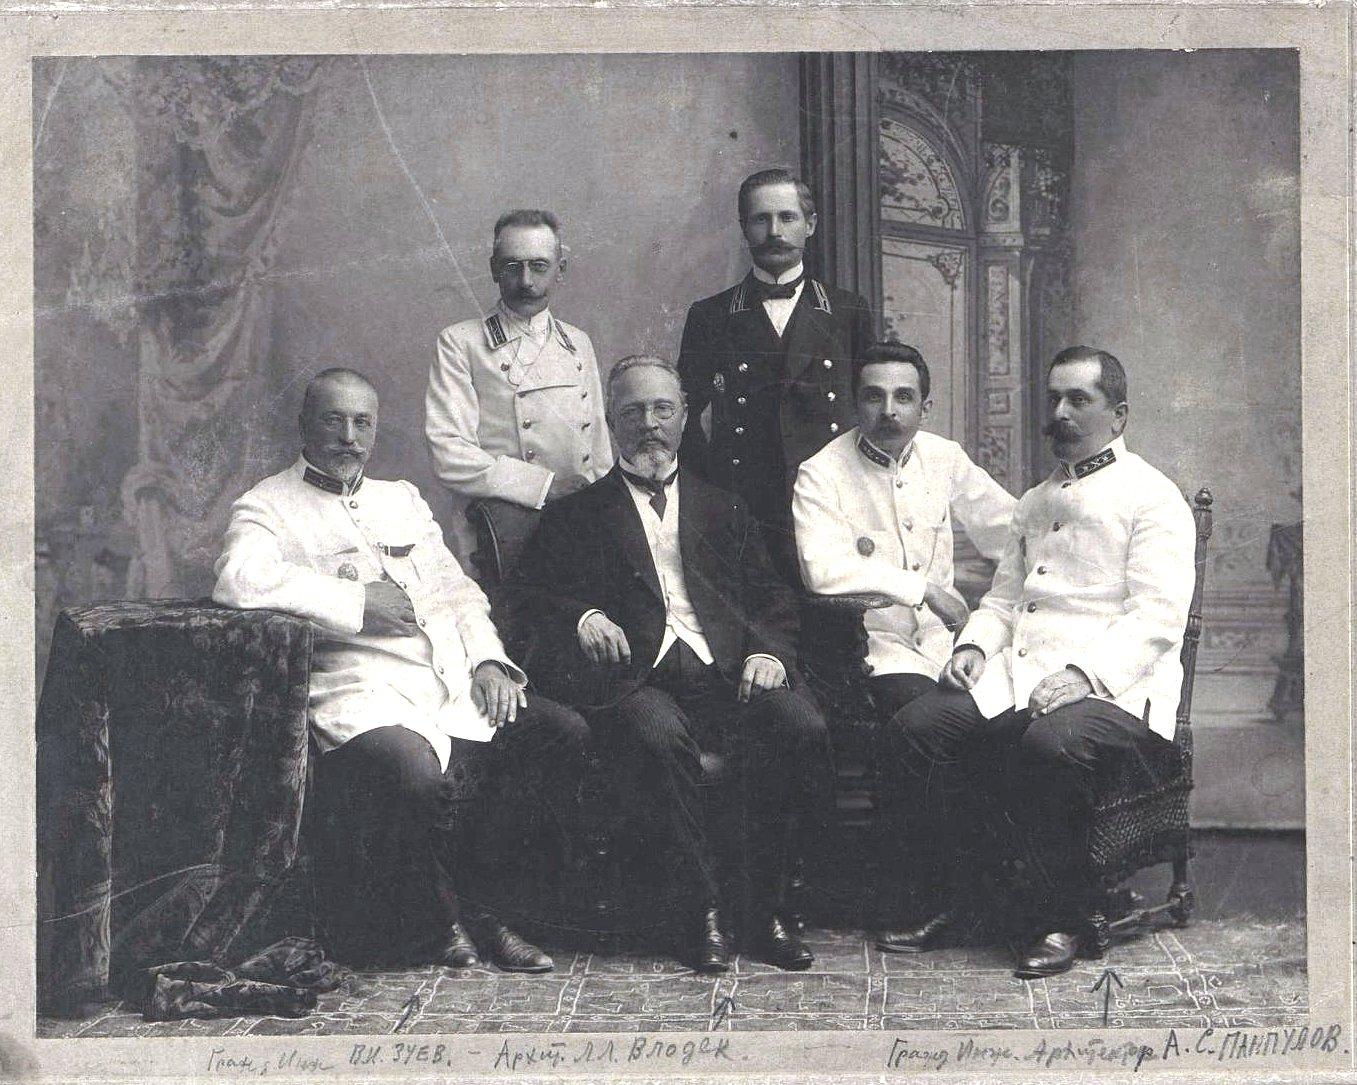 Зуев В.И., гражданский инженер; Влодек Л.Л., архитектор; Панпулов А.С., гражданский инженер и архитектор и другие